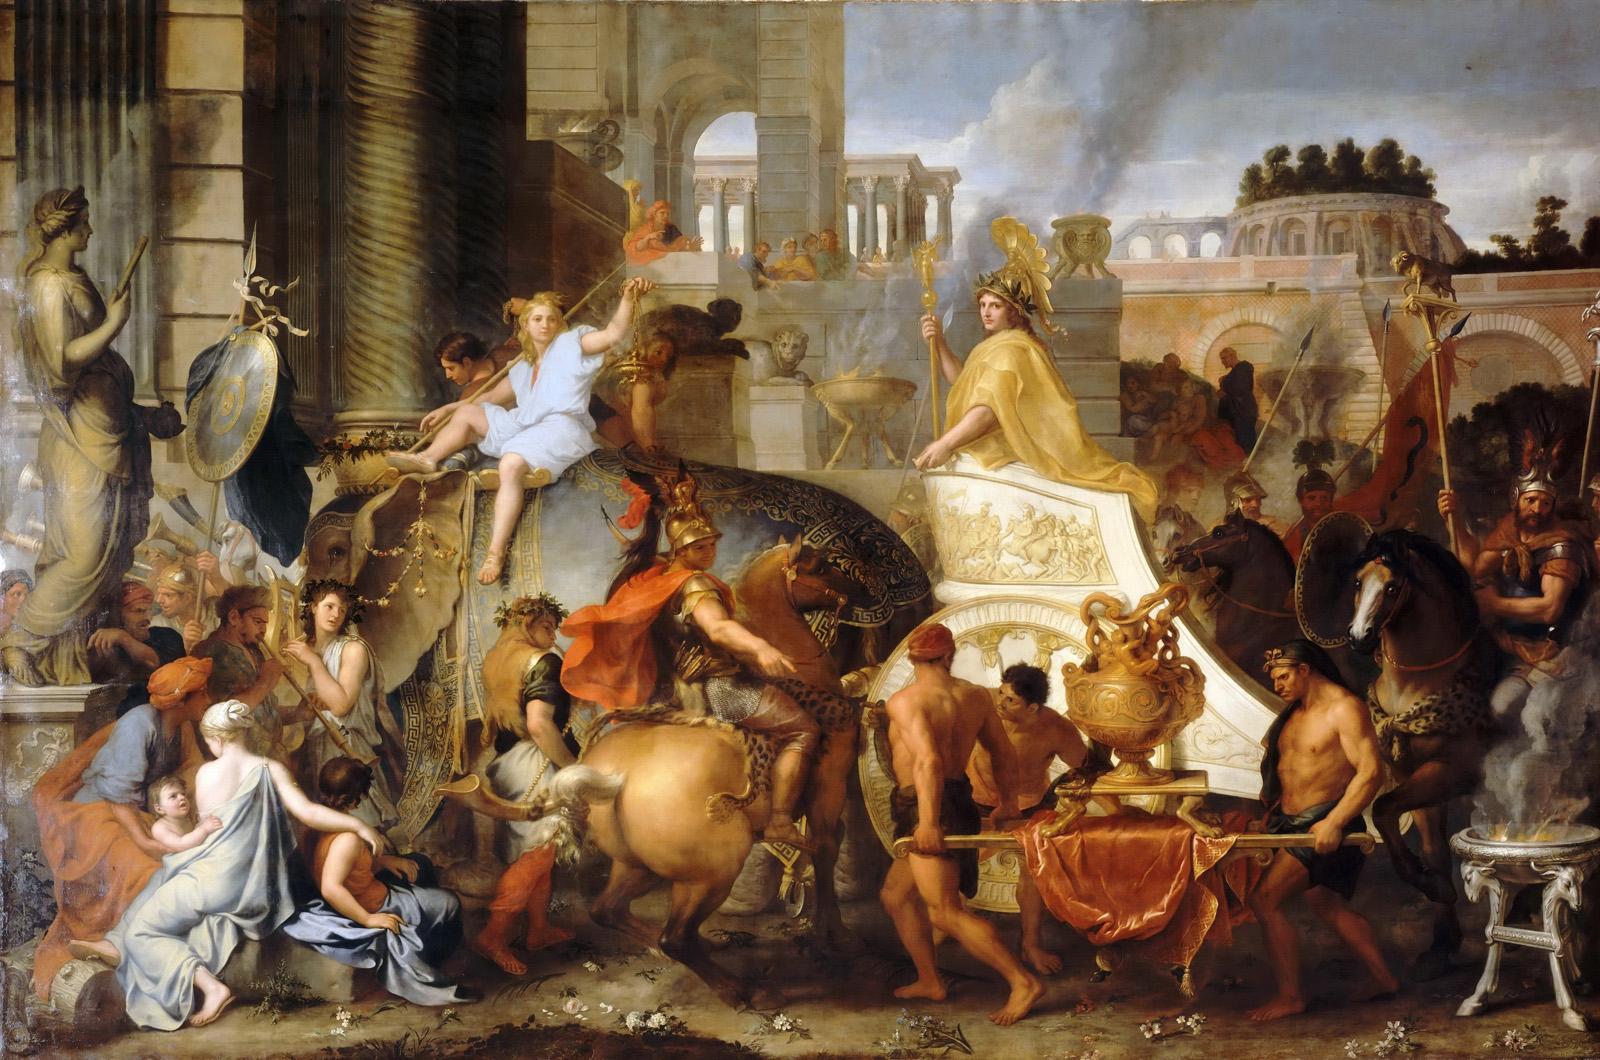 Historienmalerei  120 Jahre Europäische Kunstgeschichte | Institut für Europäische ...